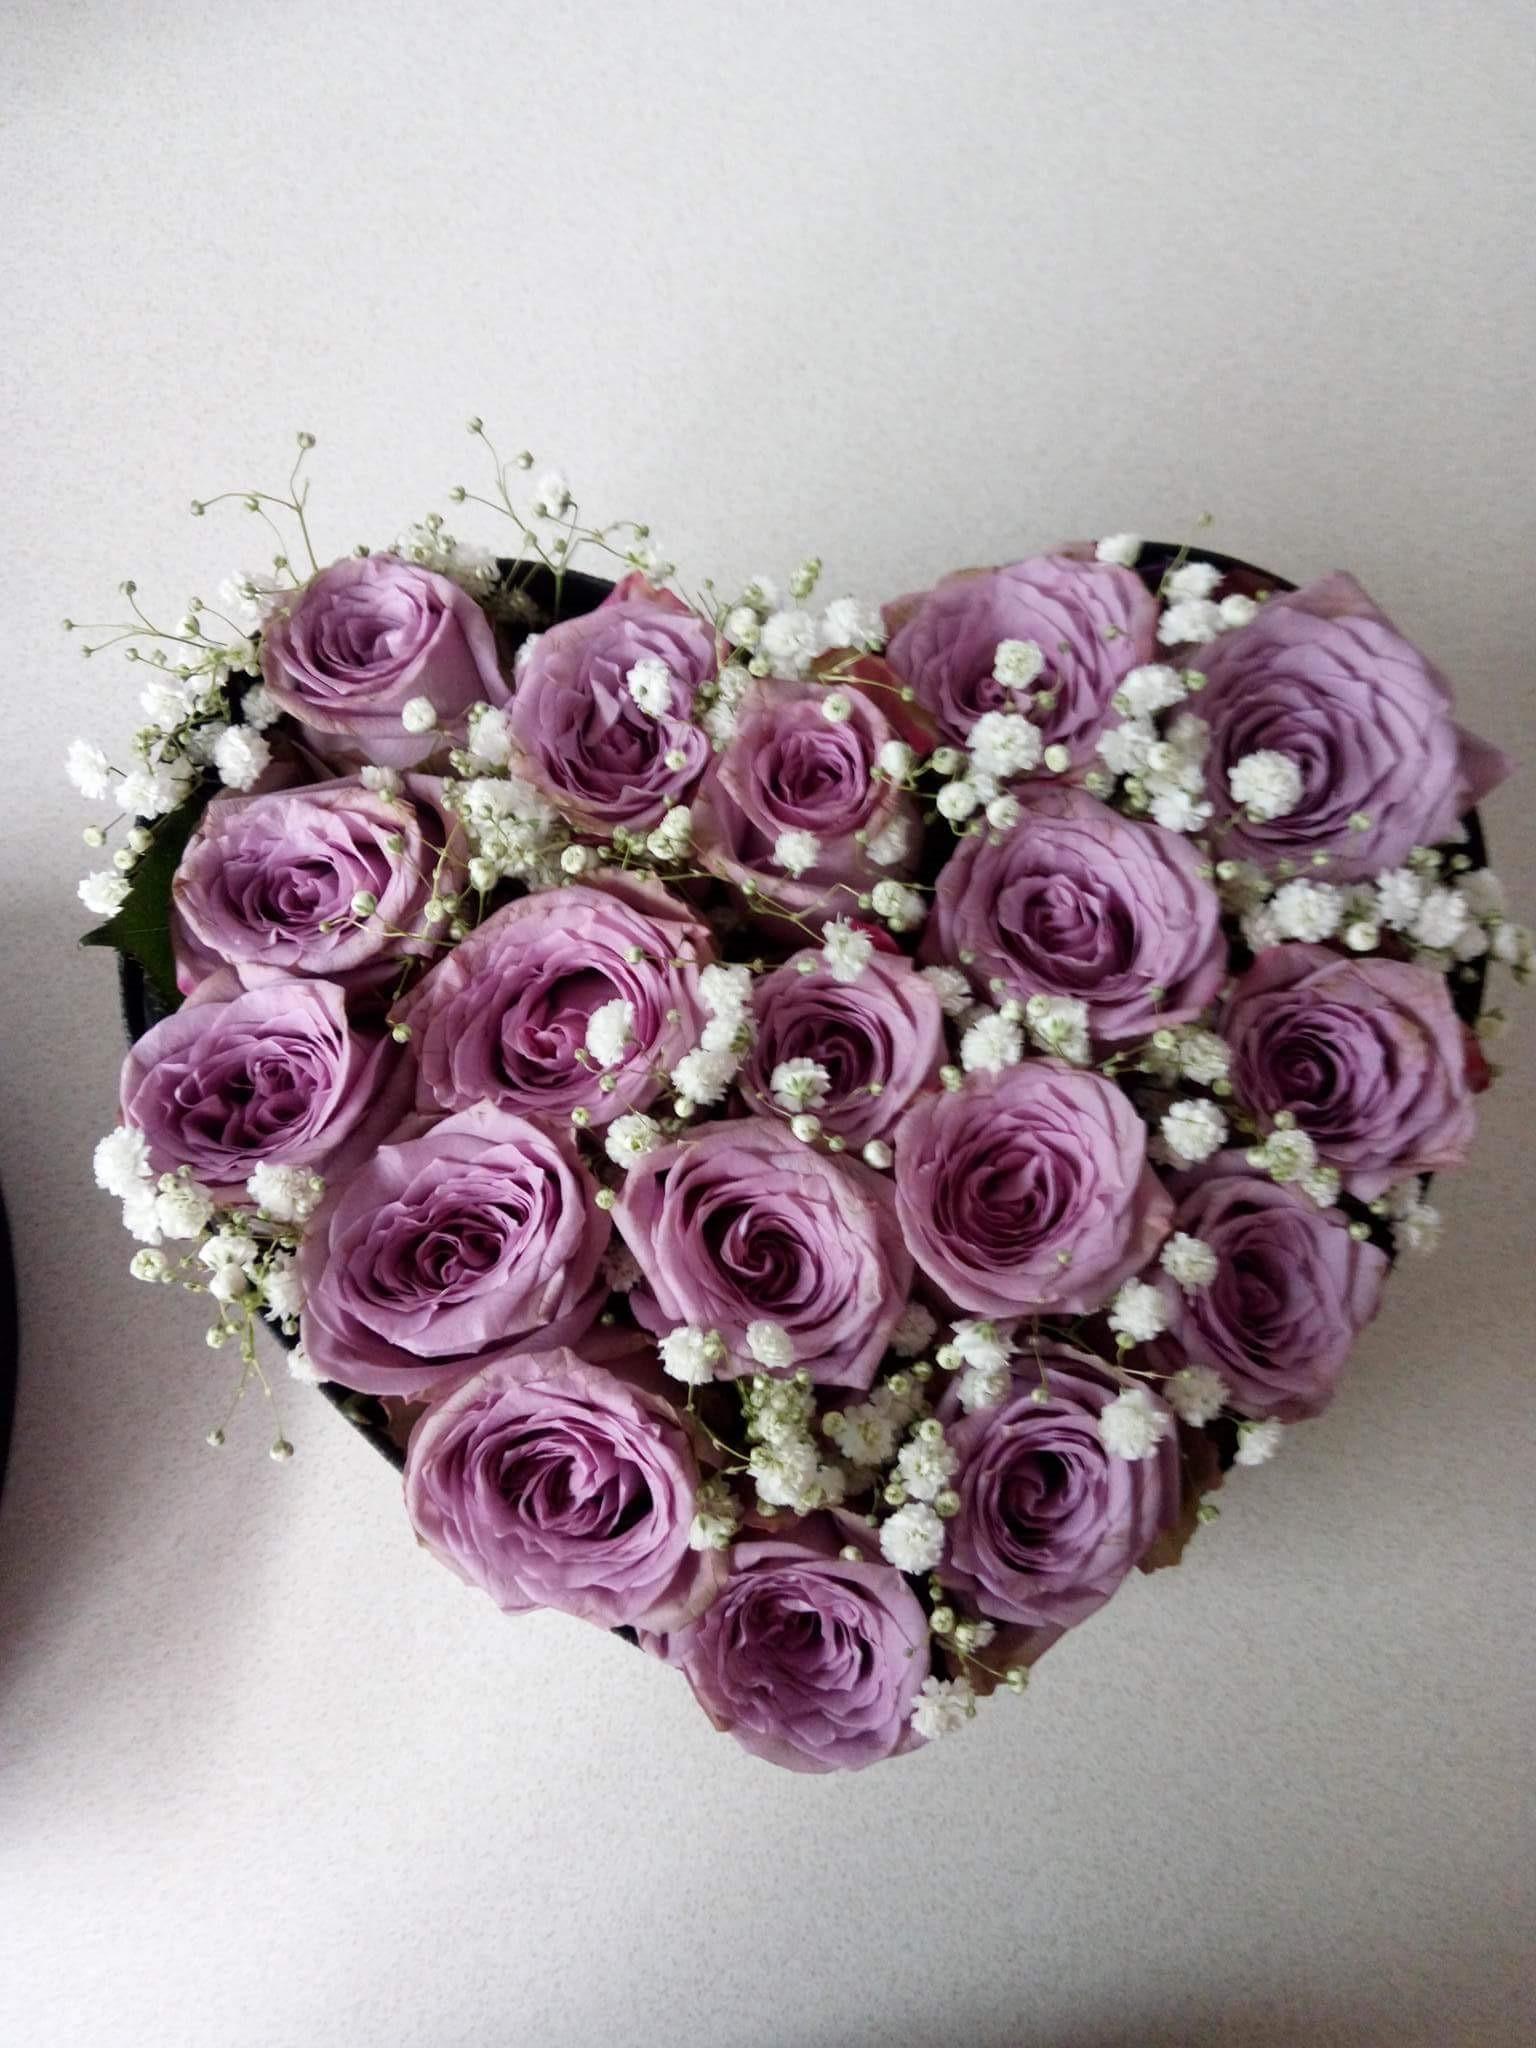 Boîte de roses romantiques.